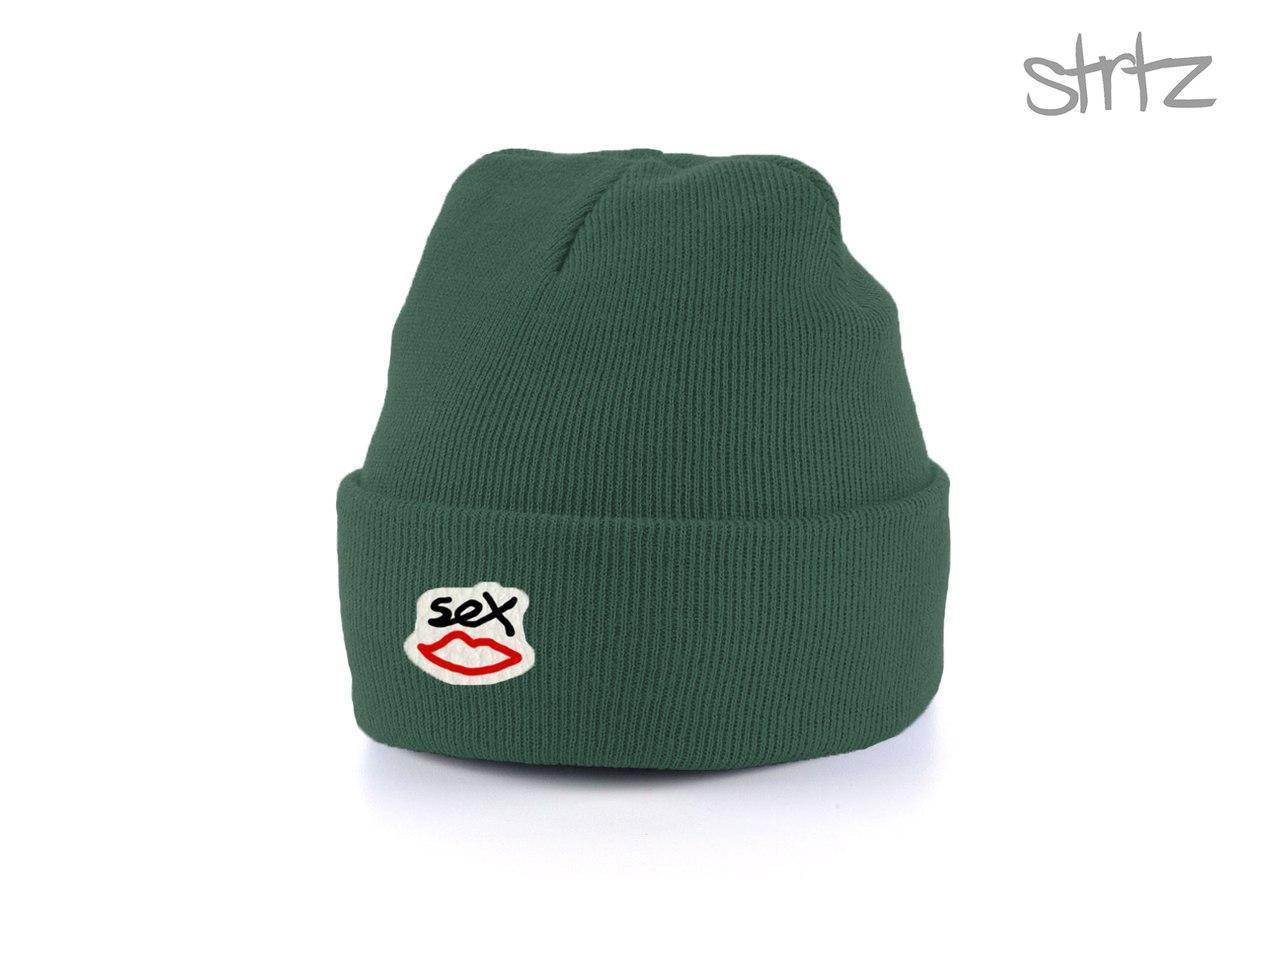 35dcaf0067fc Молодёжная мужская шапка - Bigl.ua